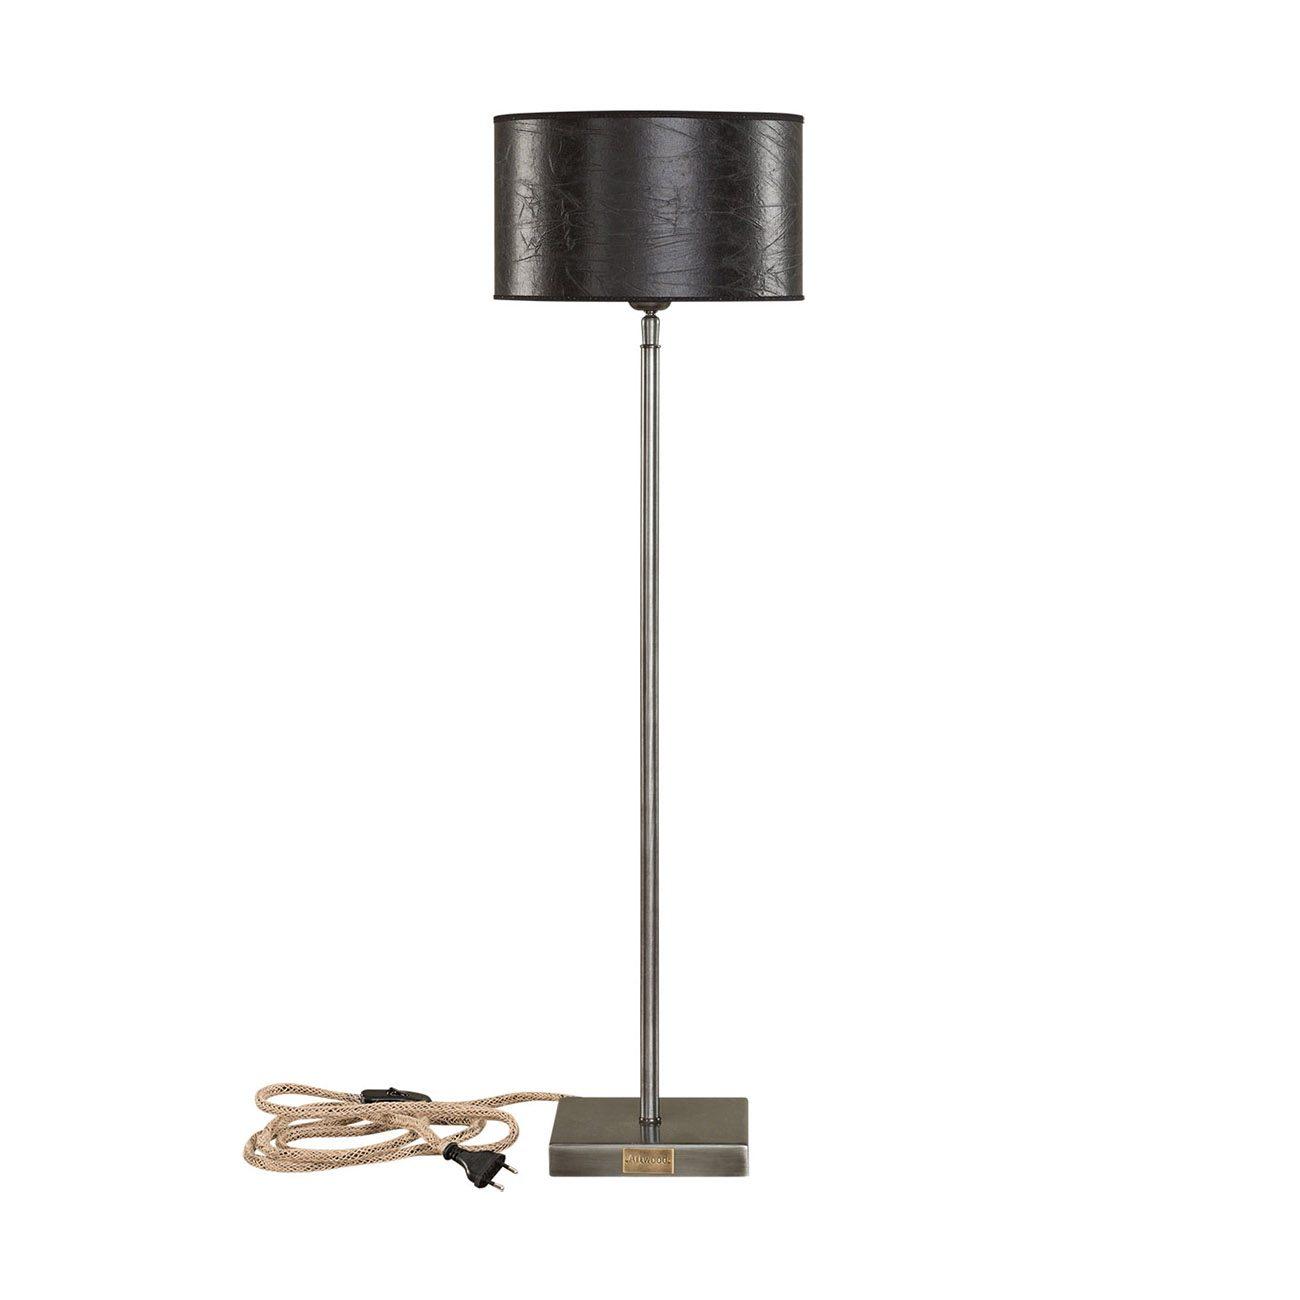 Bordslampa Pewter i järn material från Artwood.